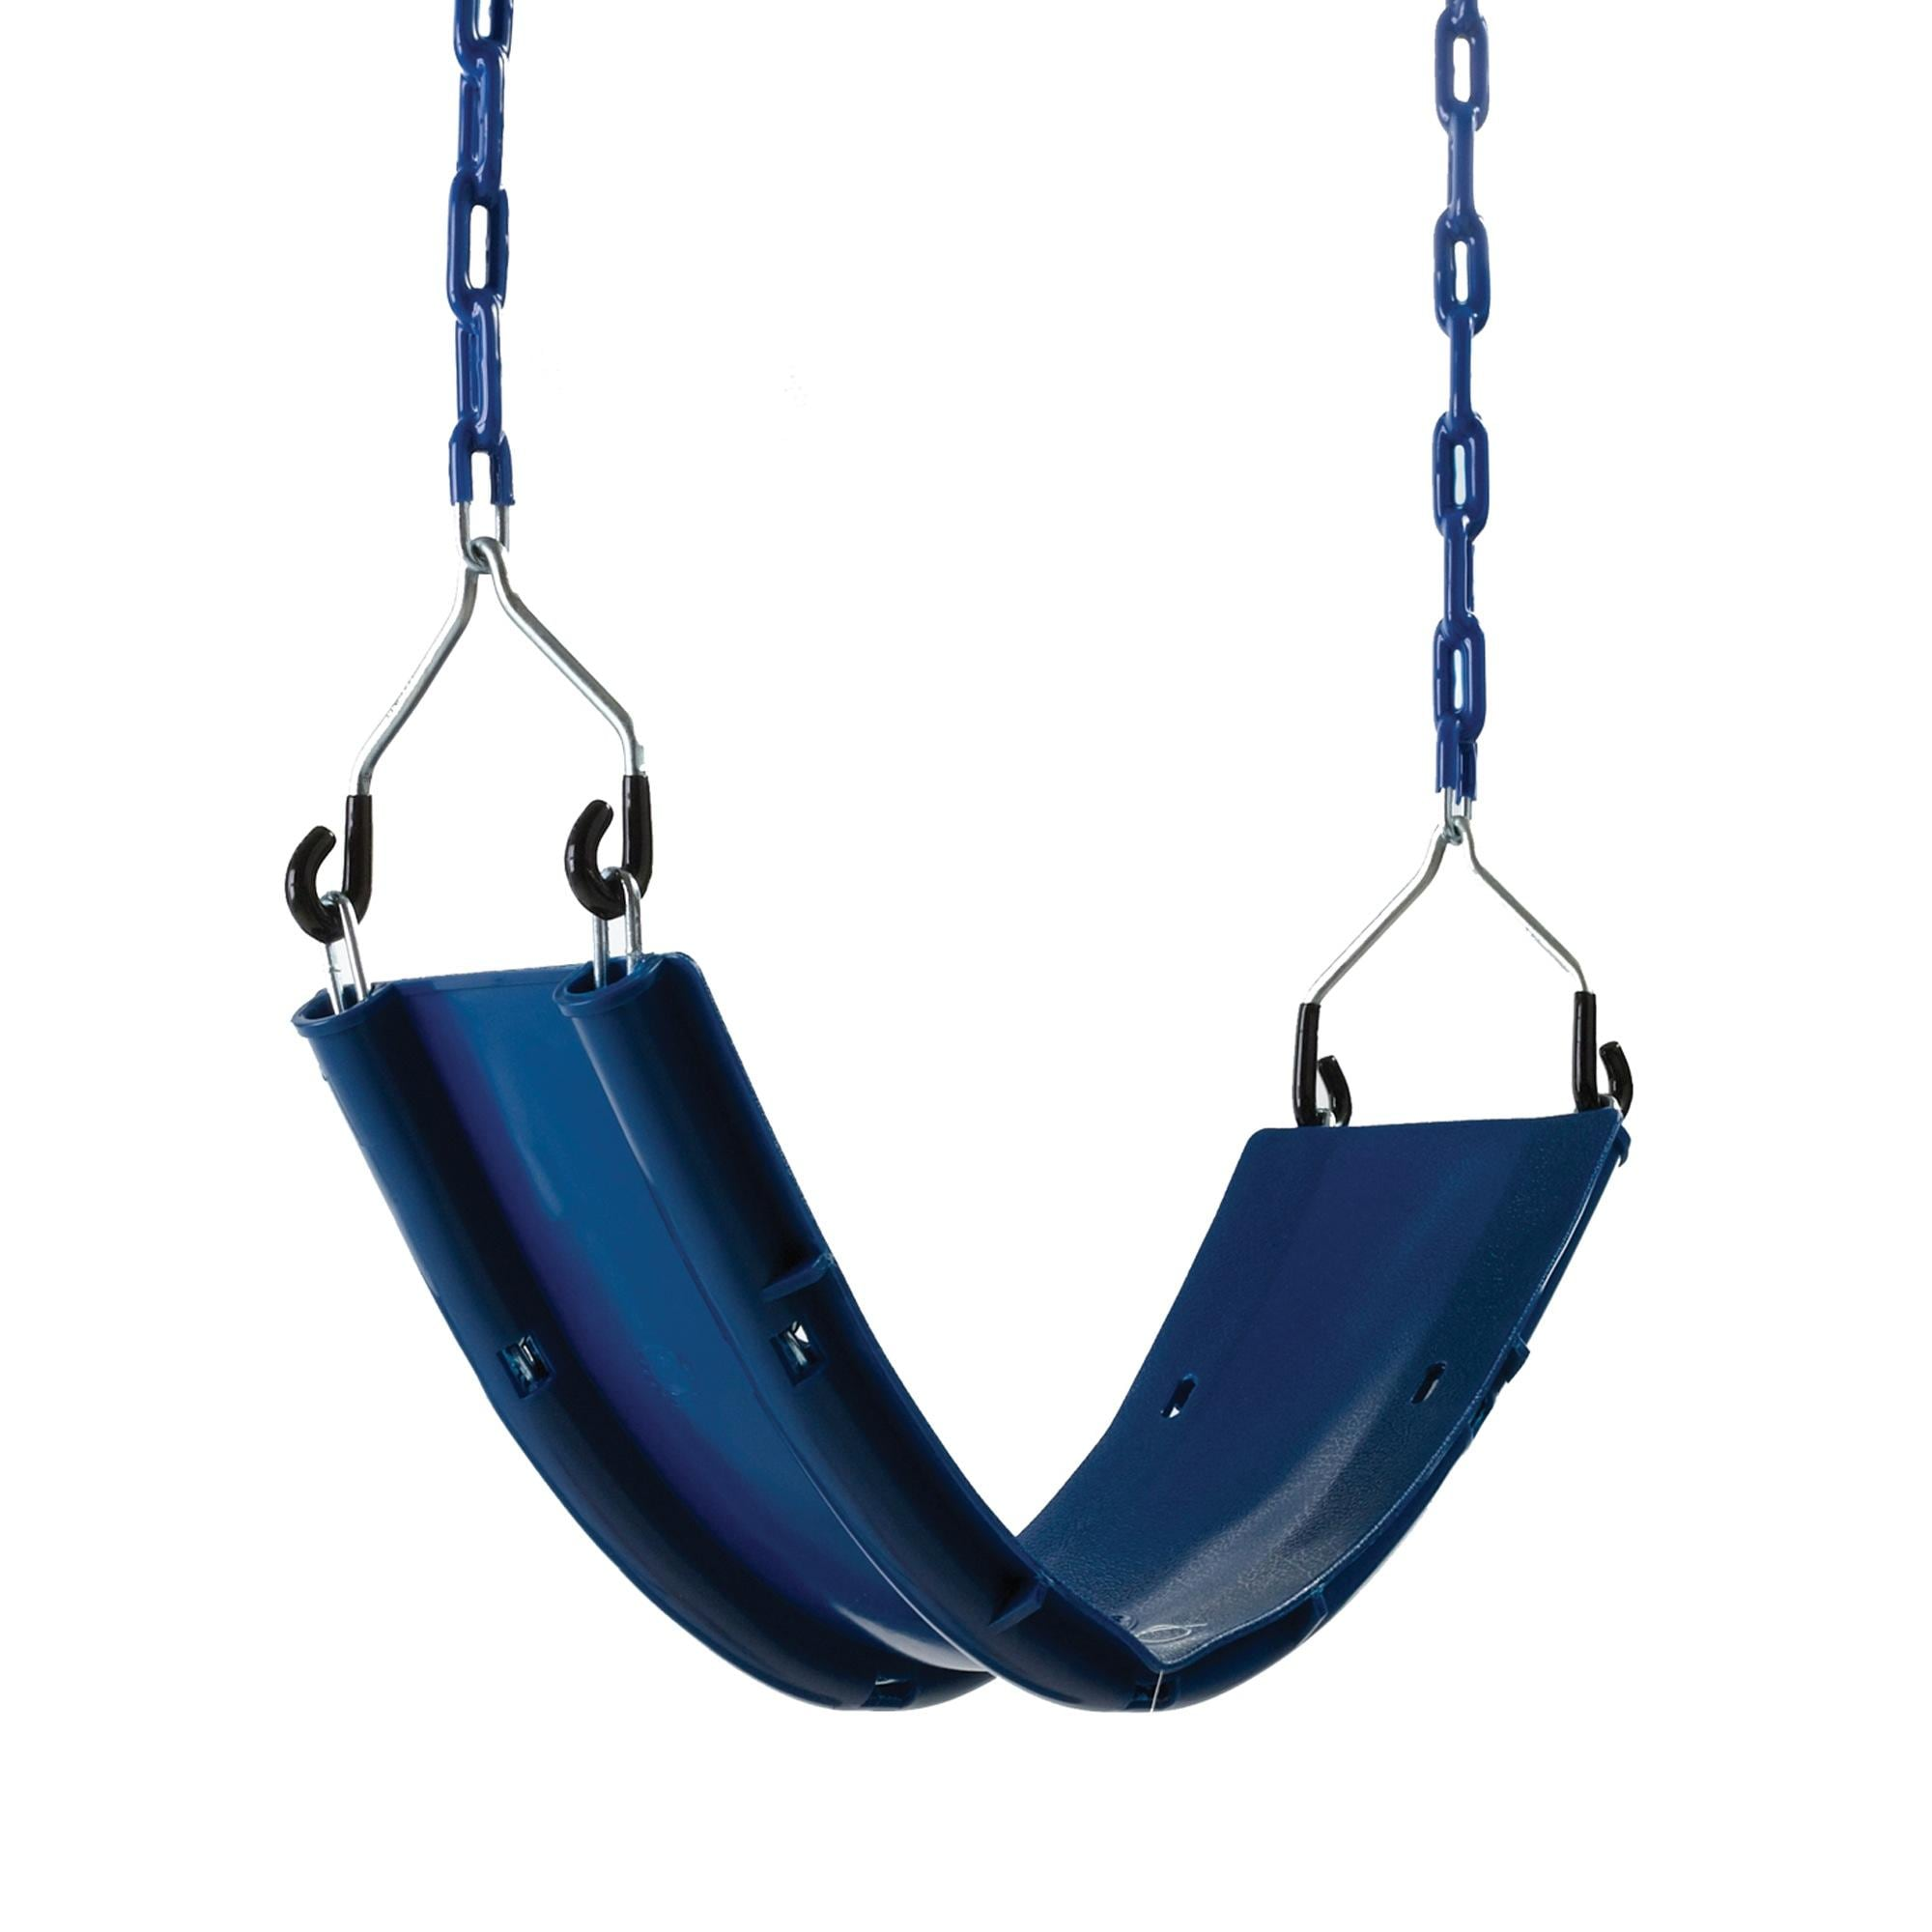 Swing-N-Slide Blue Swing Seat